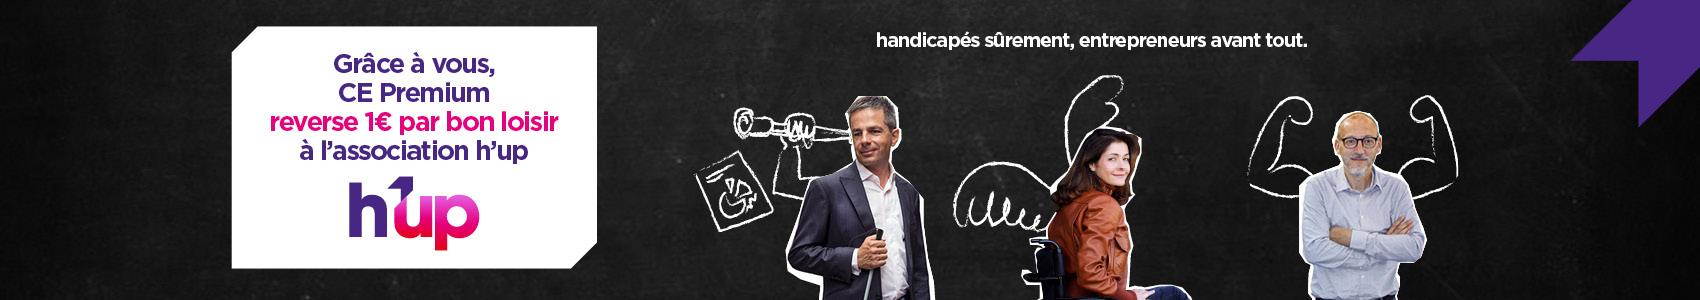 ce-premium-loisirs-ce-h-up-entrepreneurs-soutien-handicapes-promotion